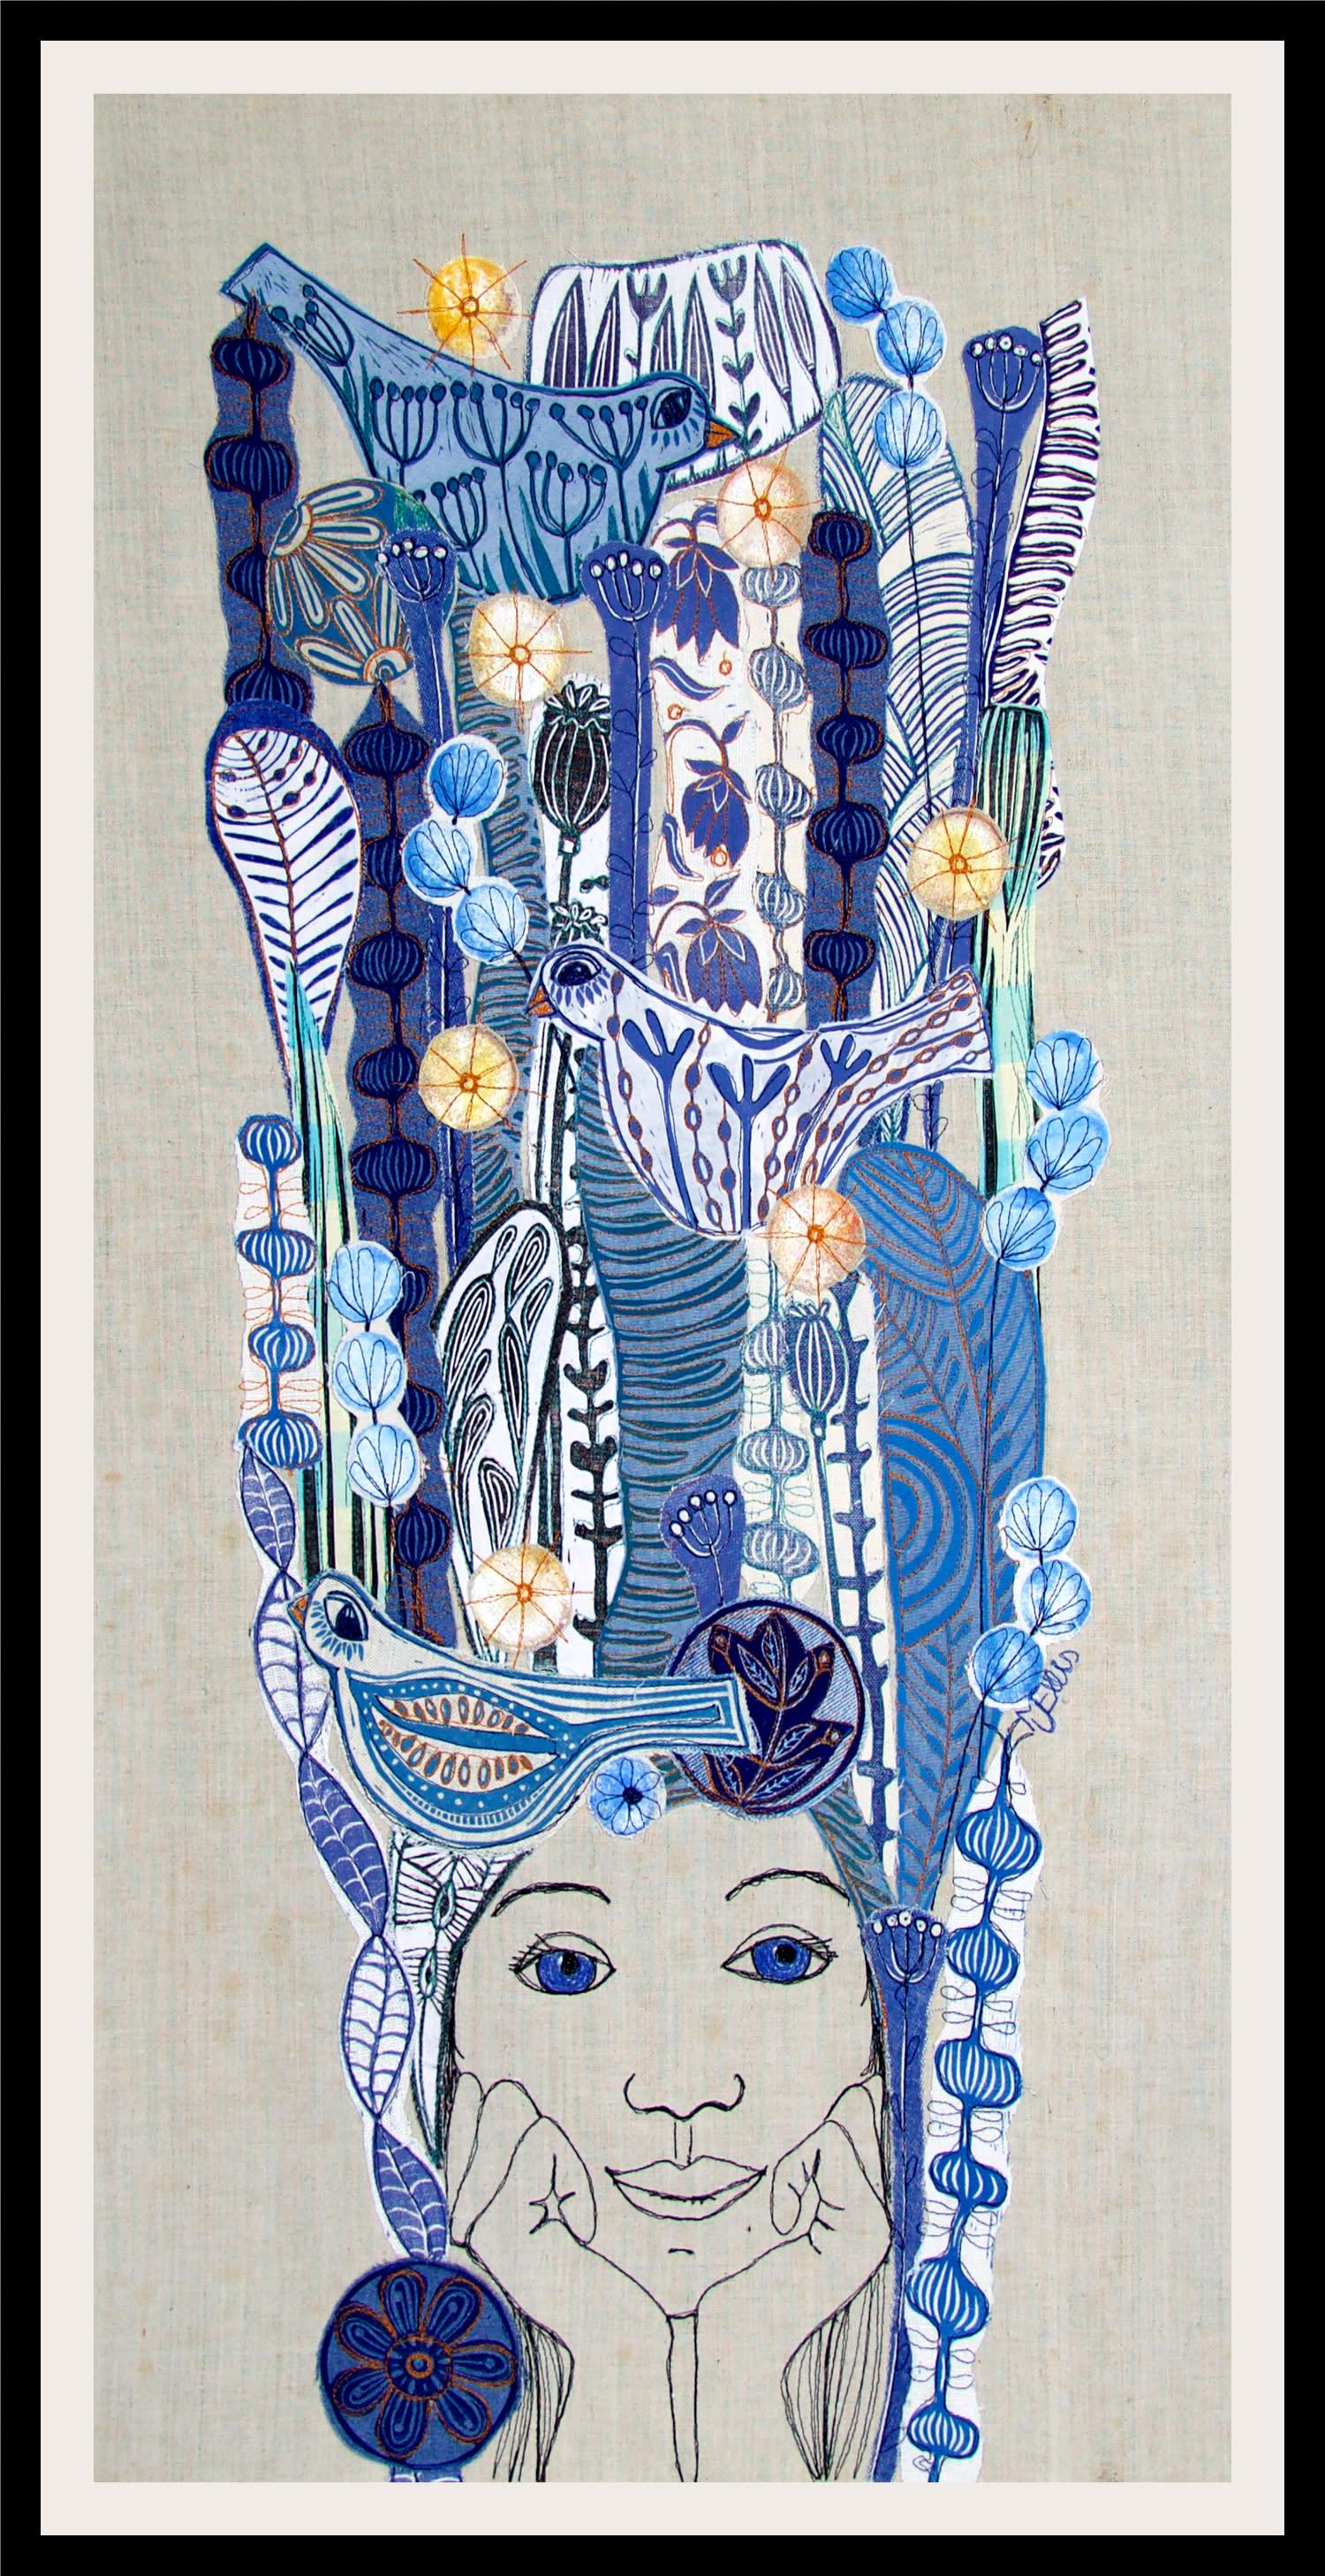 Lino coll af blue eyed girl framed tk2mcp